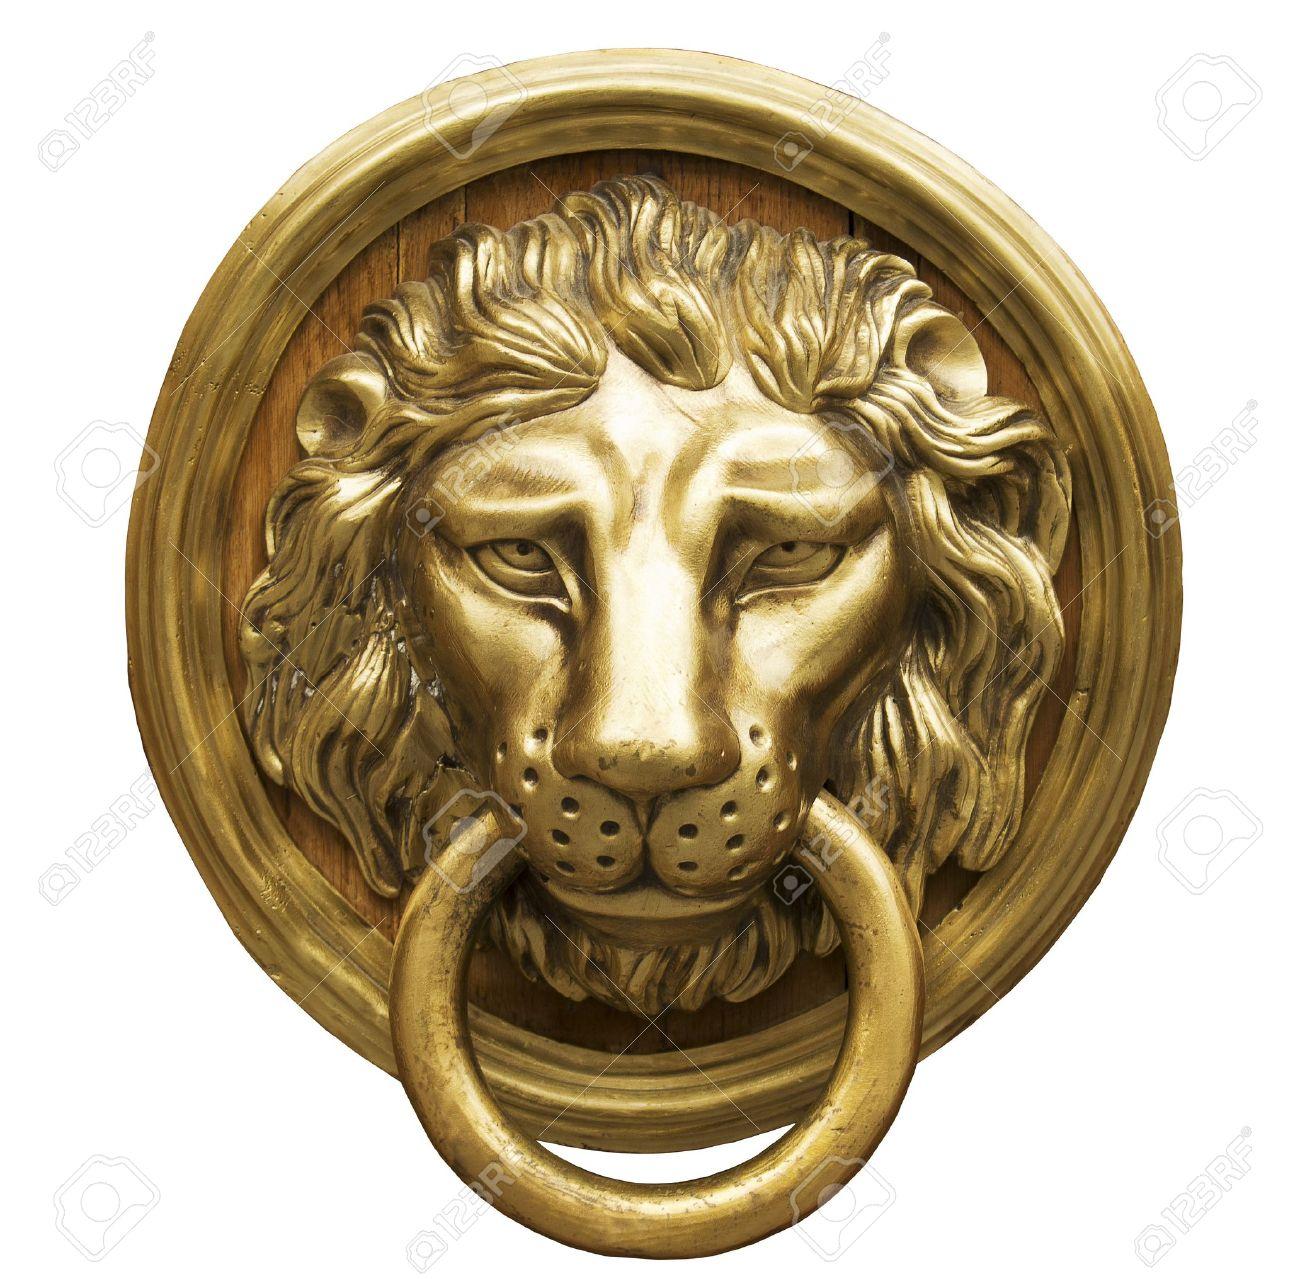 Charmant Lion Head Door Knocker, Ancient Knocker Stock Photo   15168158